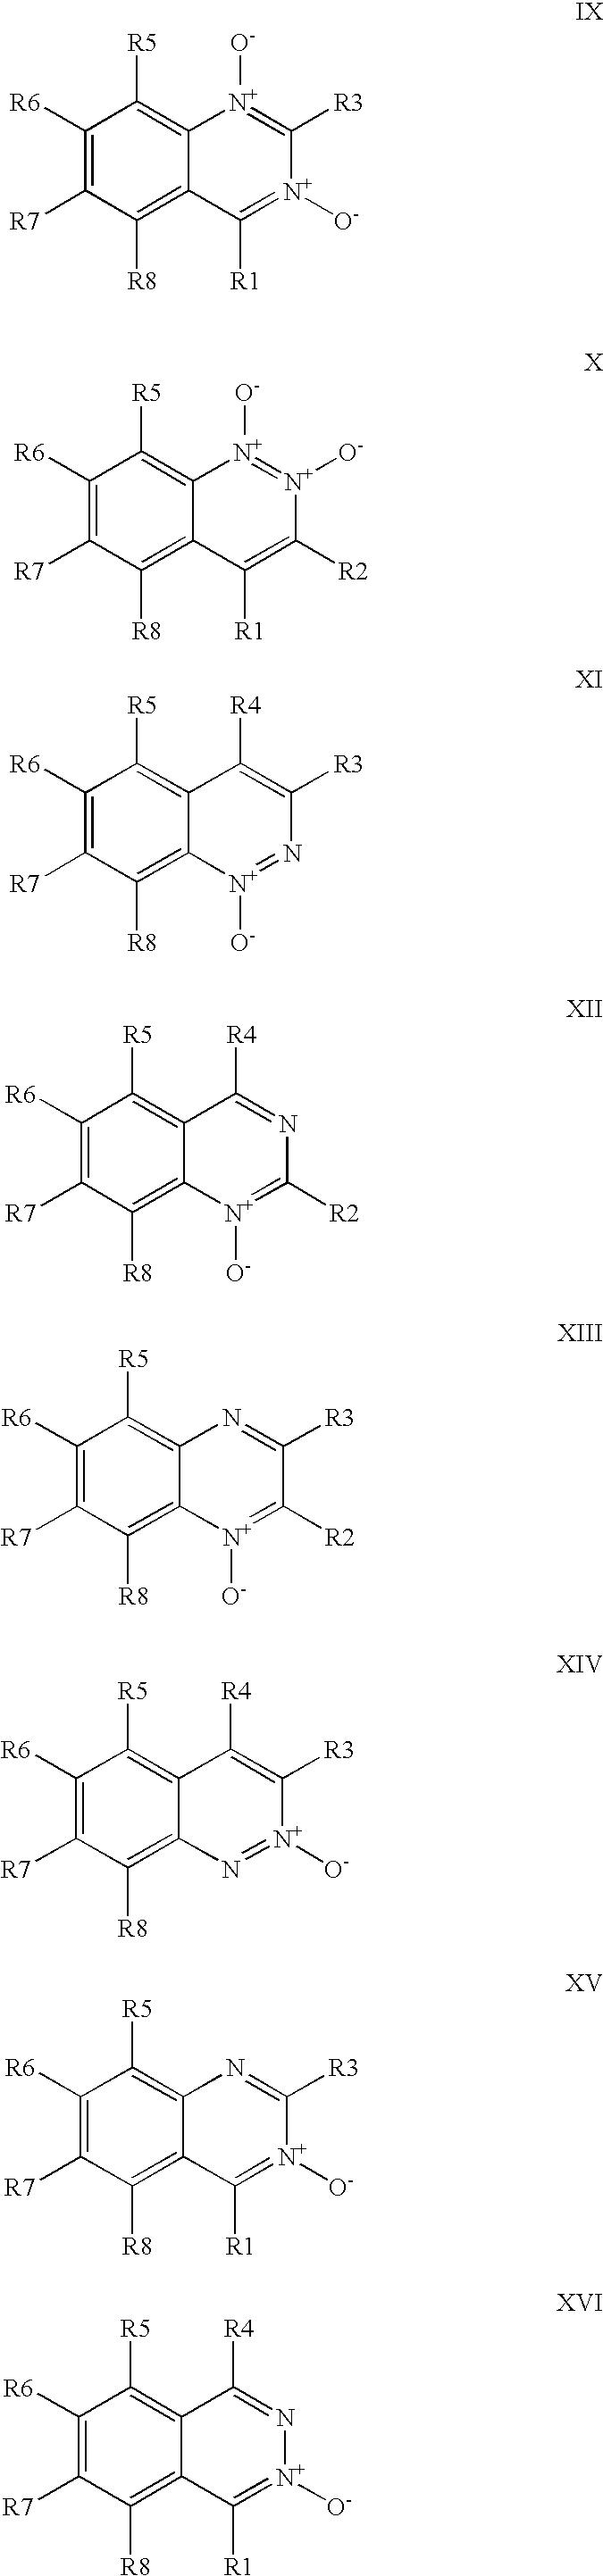 Figure US20060156483A1-20060720-C00024